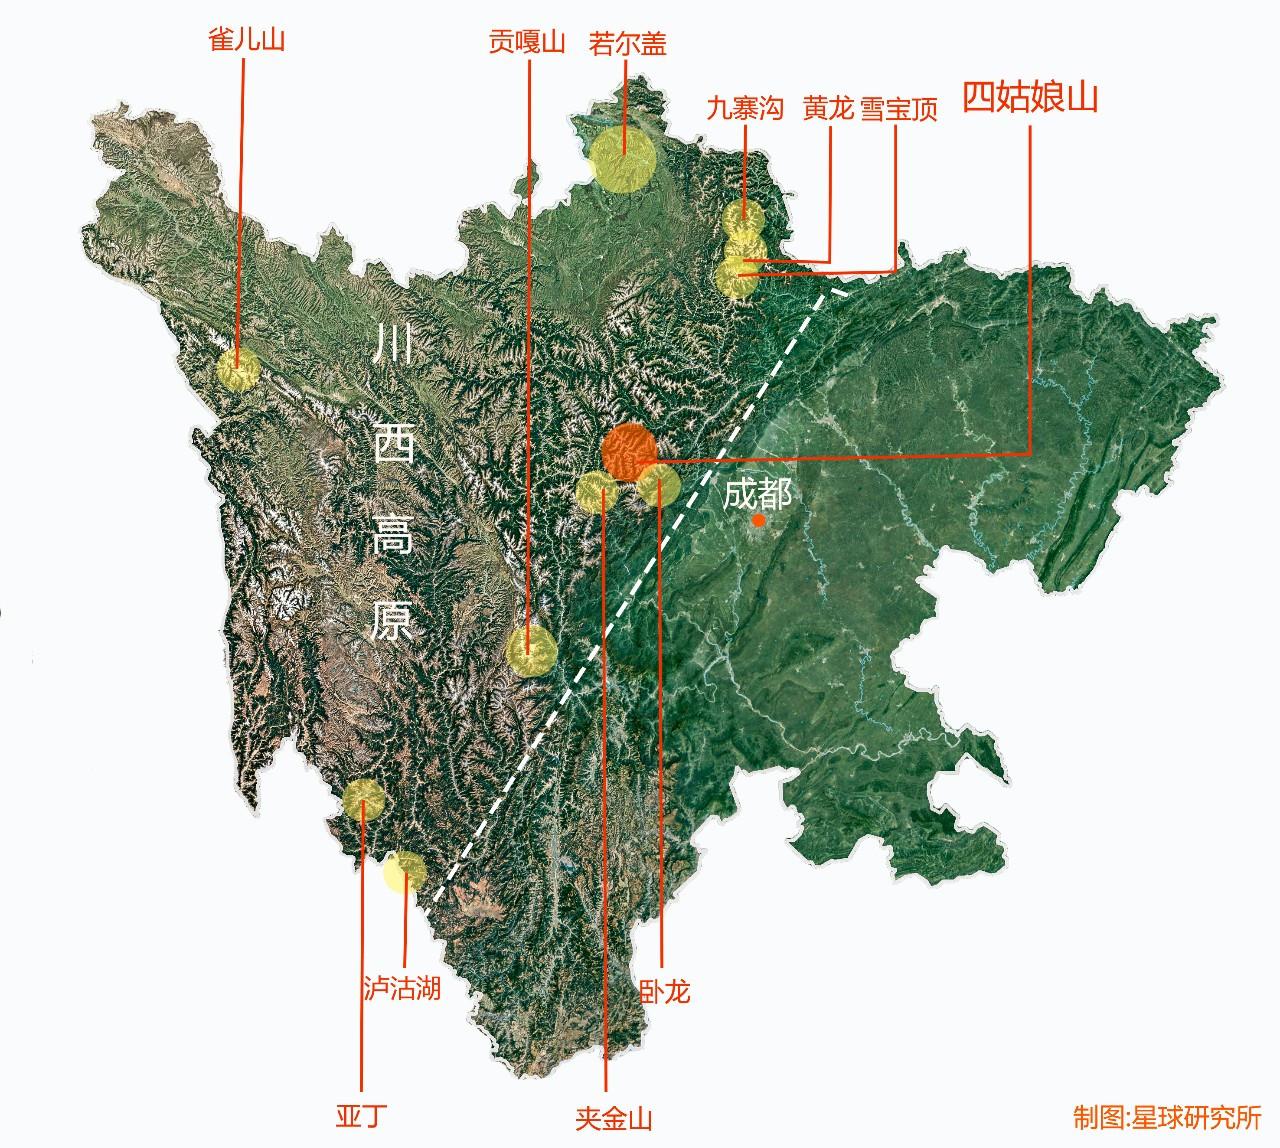 四川景点大全地图